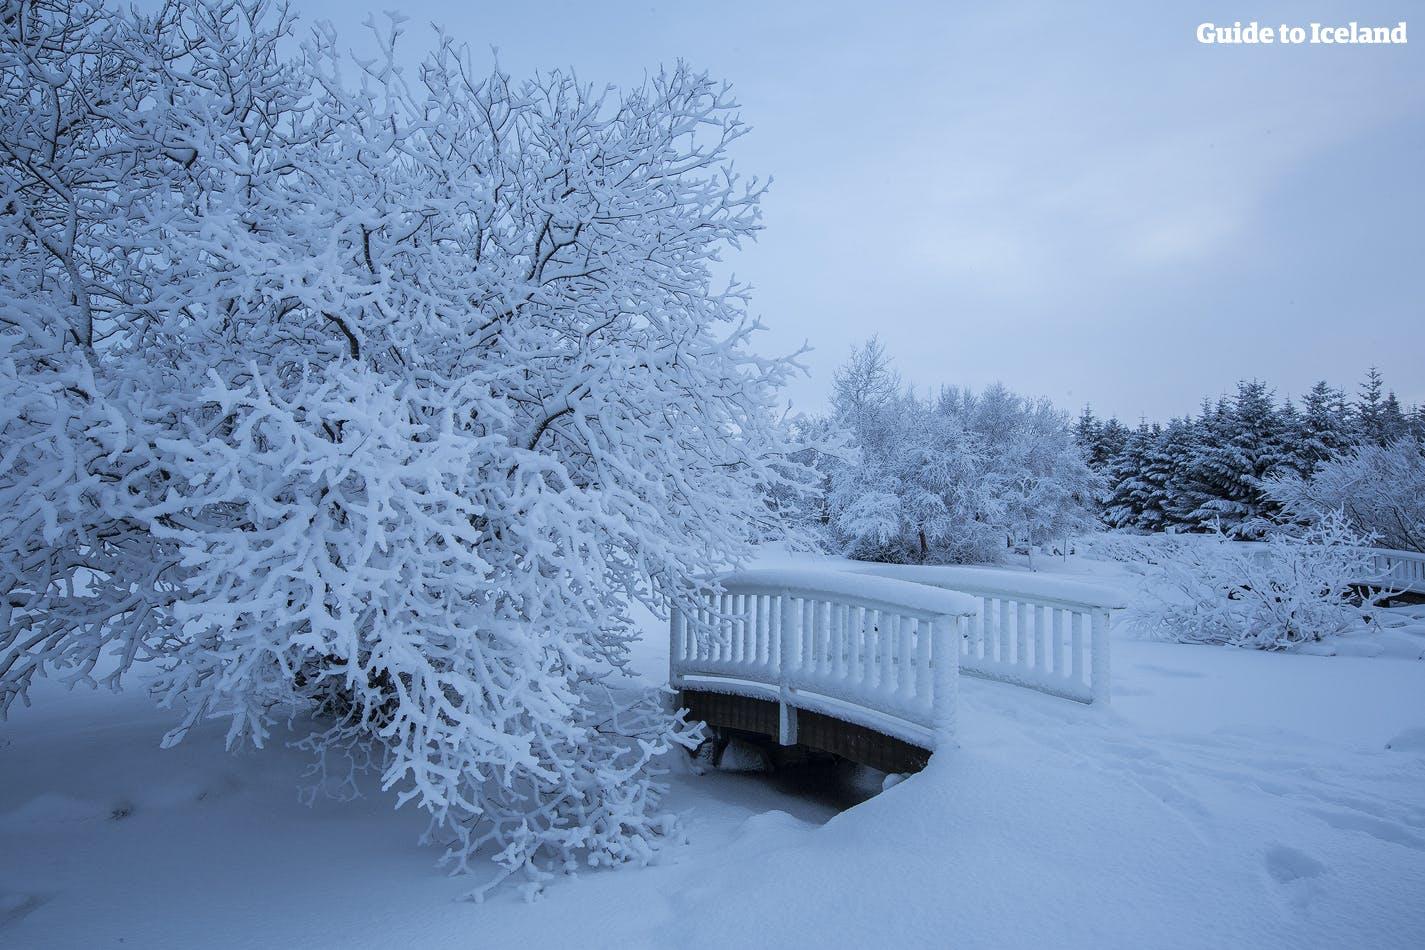 银装素裹的冬季雷克雅未克仿佛一座人间仙境